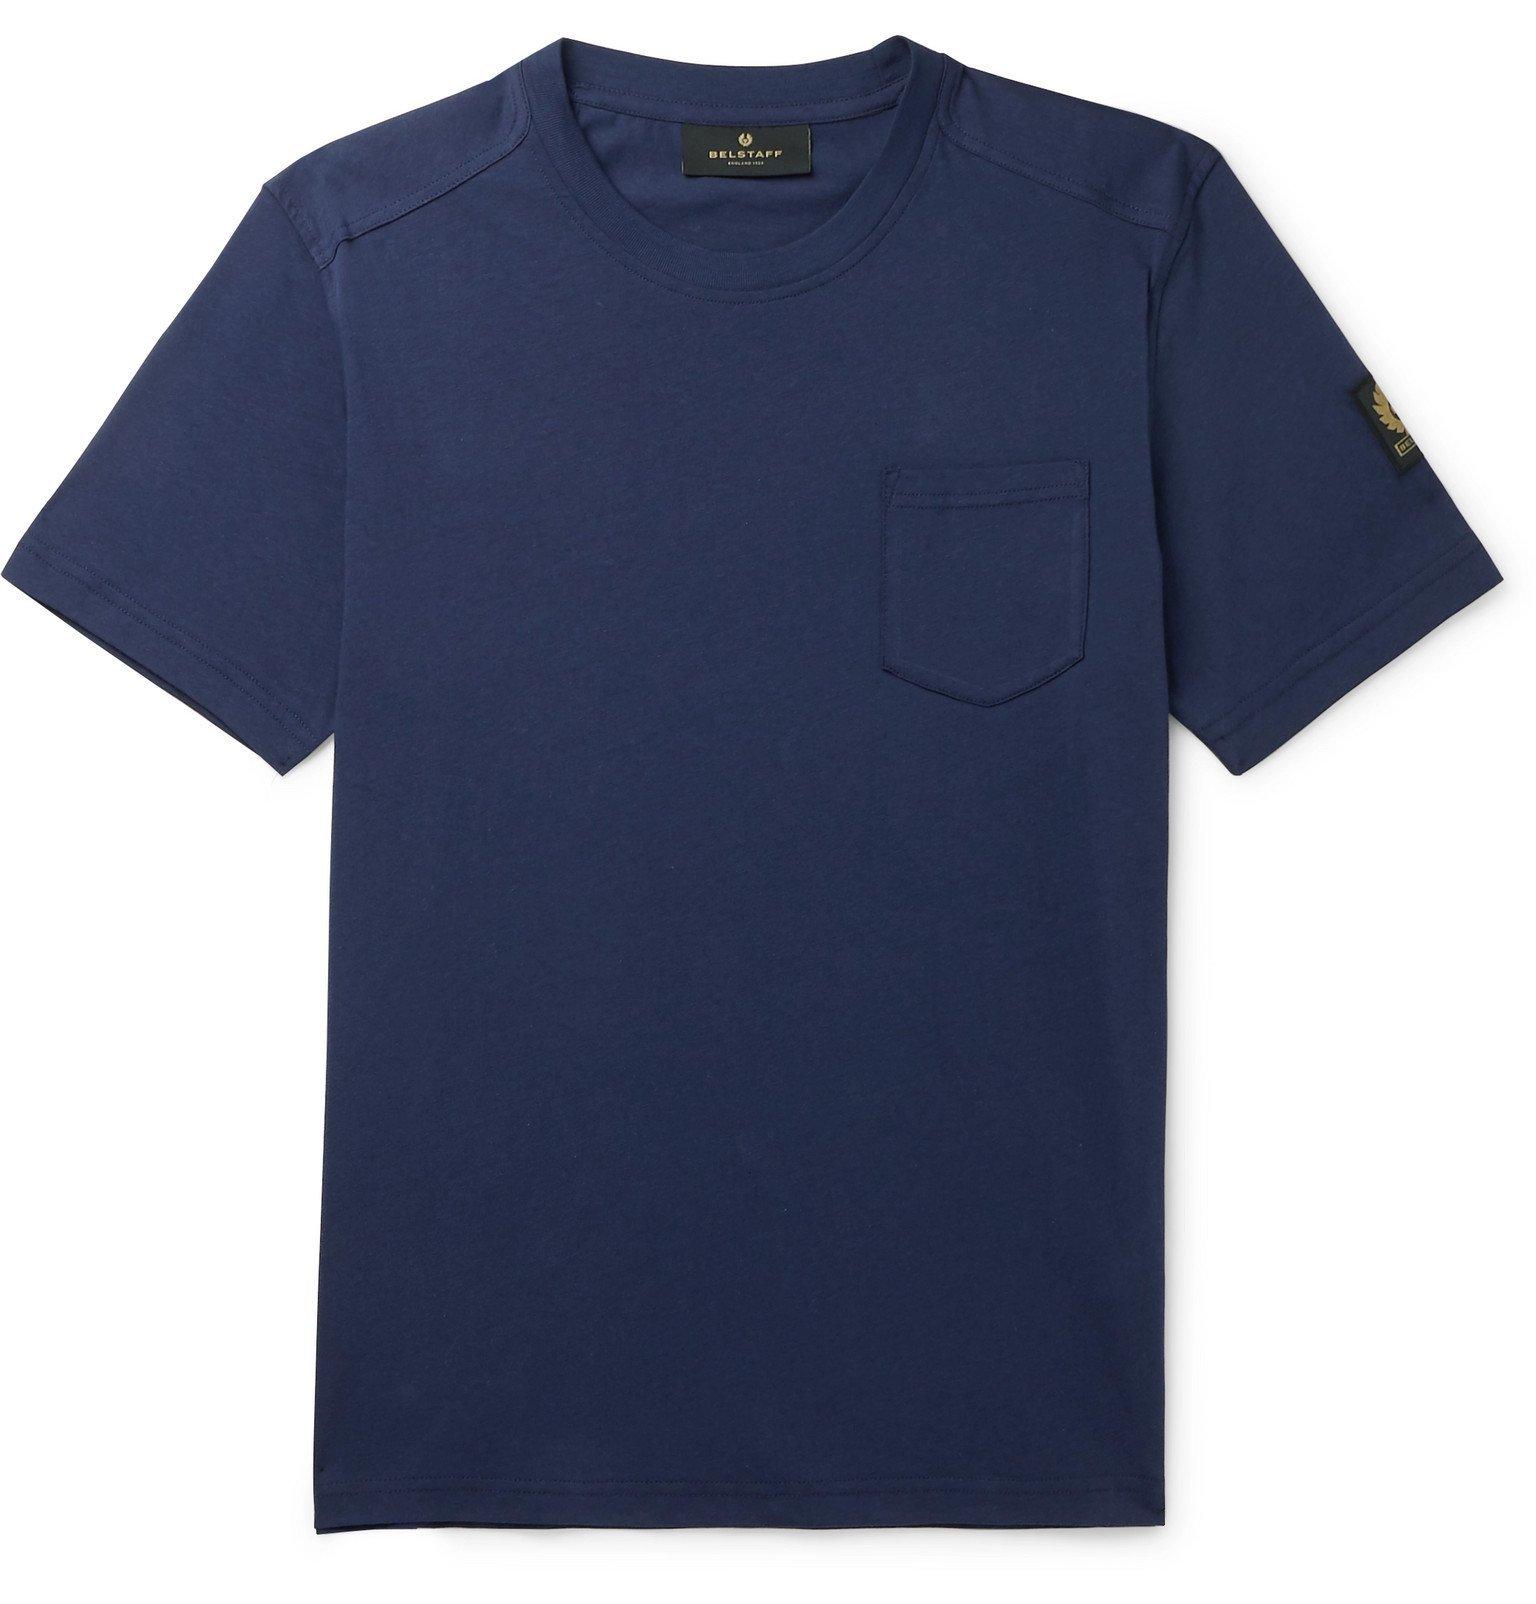 Belstaff - Thom 2.0 Cotton-Jersey T-Shirt - Blue